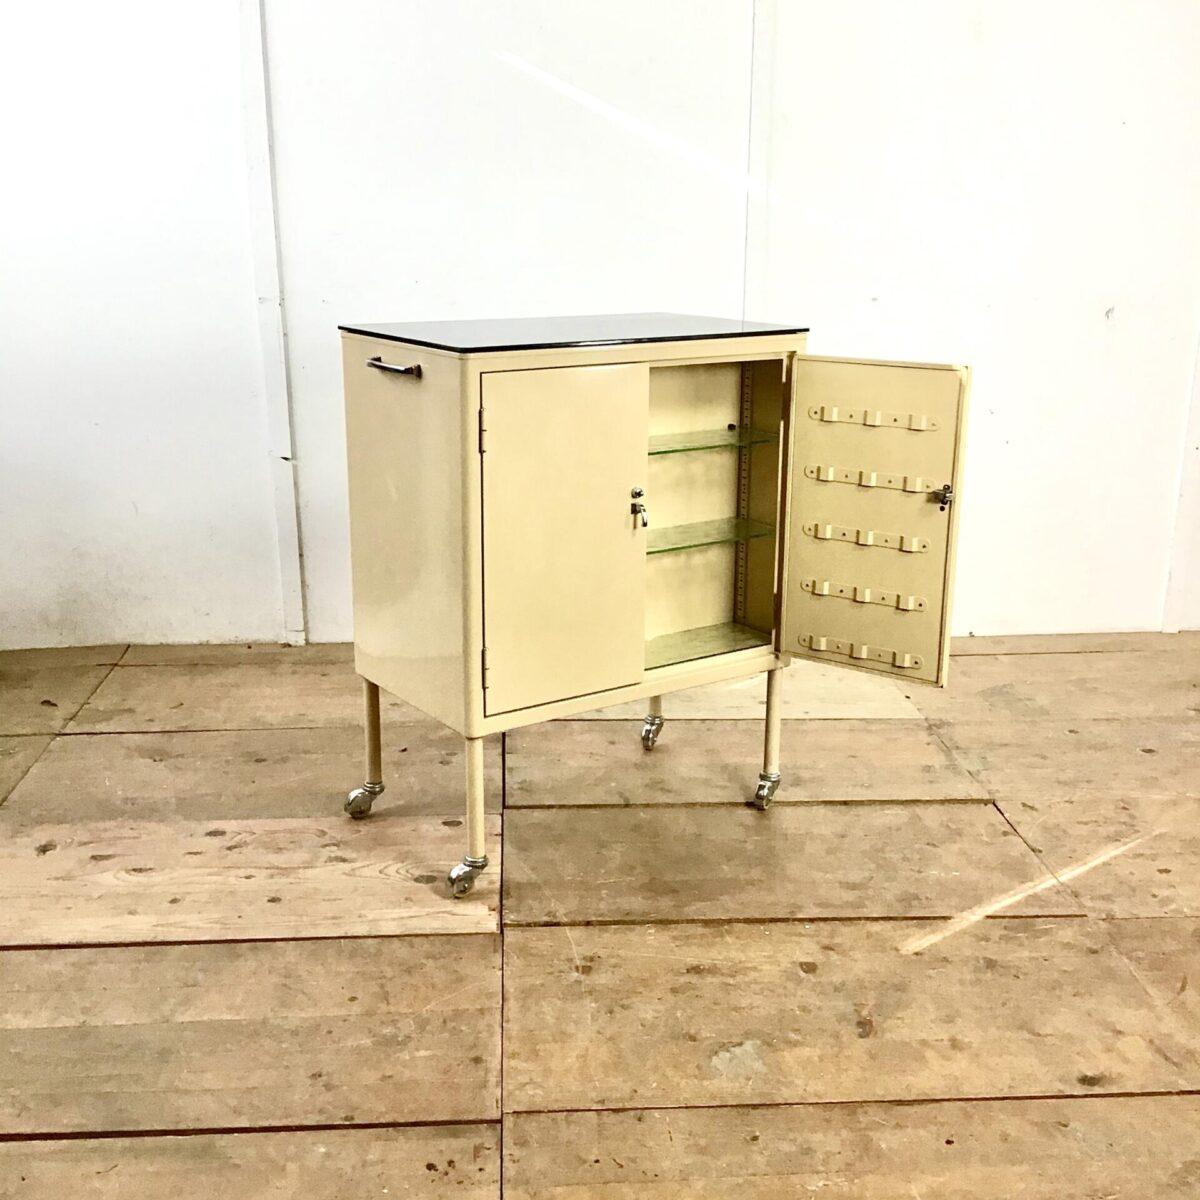 Metall Möbel 76cm mal 46cm Höhe 95.5cm. Rollkorpus Creme braun lackiert mit verchromten Griffen und Profilen. Das Möbel hat auf beiden Seiten Stau Raum. Die Oberfläche ist geschwärztes Glas. Die Möbel Rollen laufen gut, mit den seitlichen Griffen lässt es sich einwandfrei bewegen. Praktisch als Beistelltisch oder Schnapswagen.